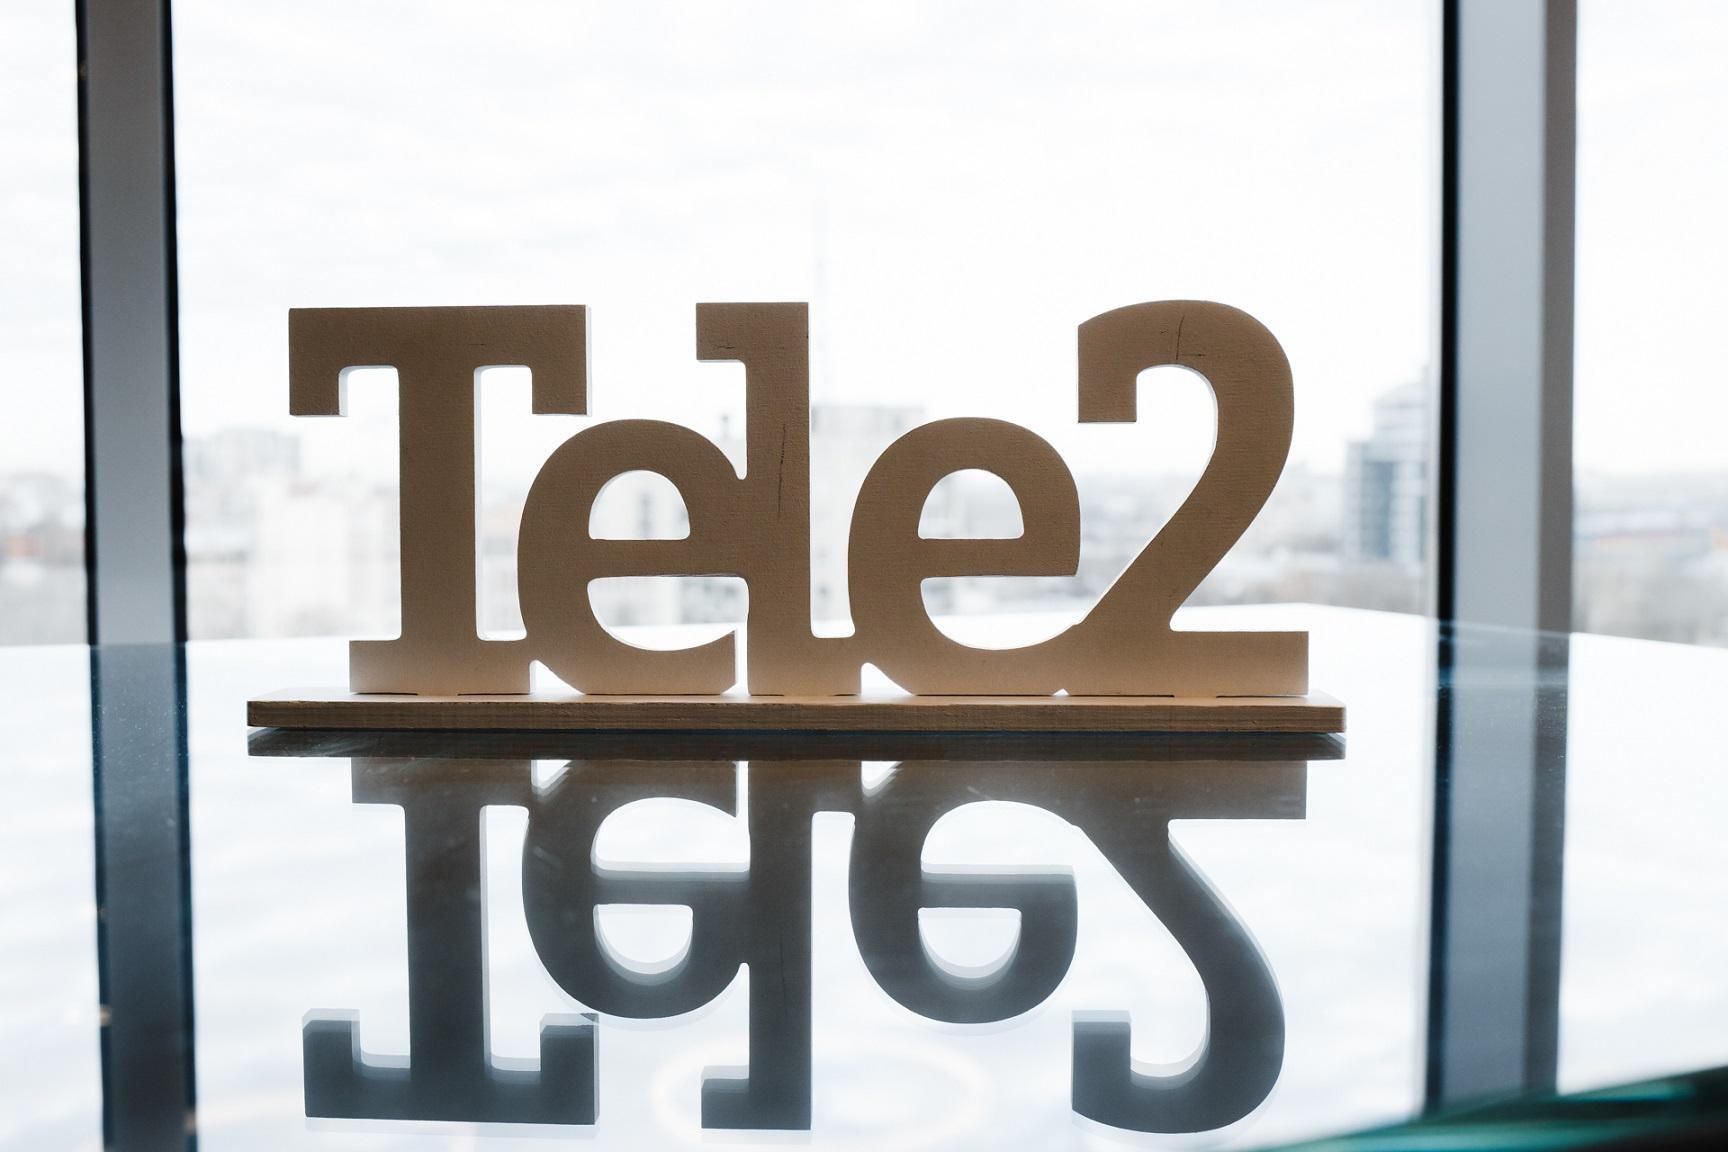 Более 50 малых населенных пунктов Воронежской области обеспечены связью Tele2